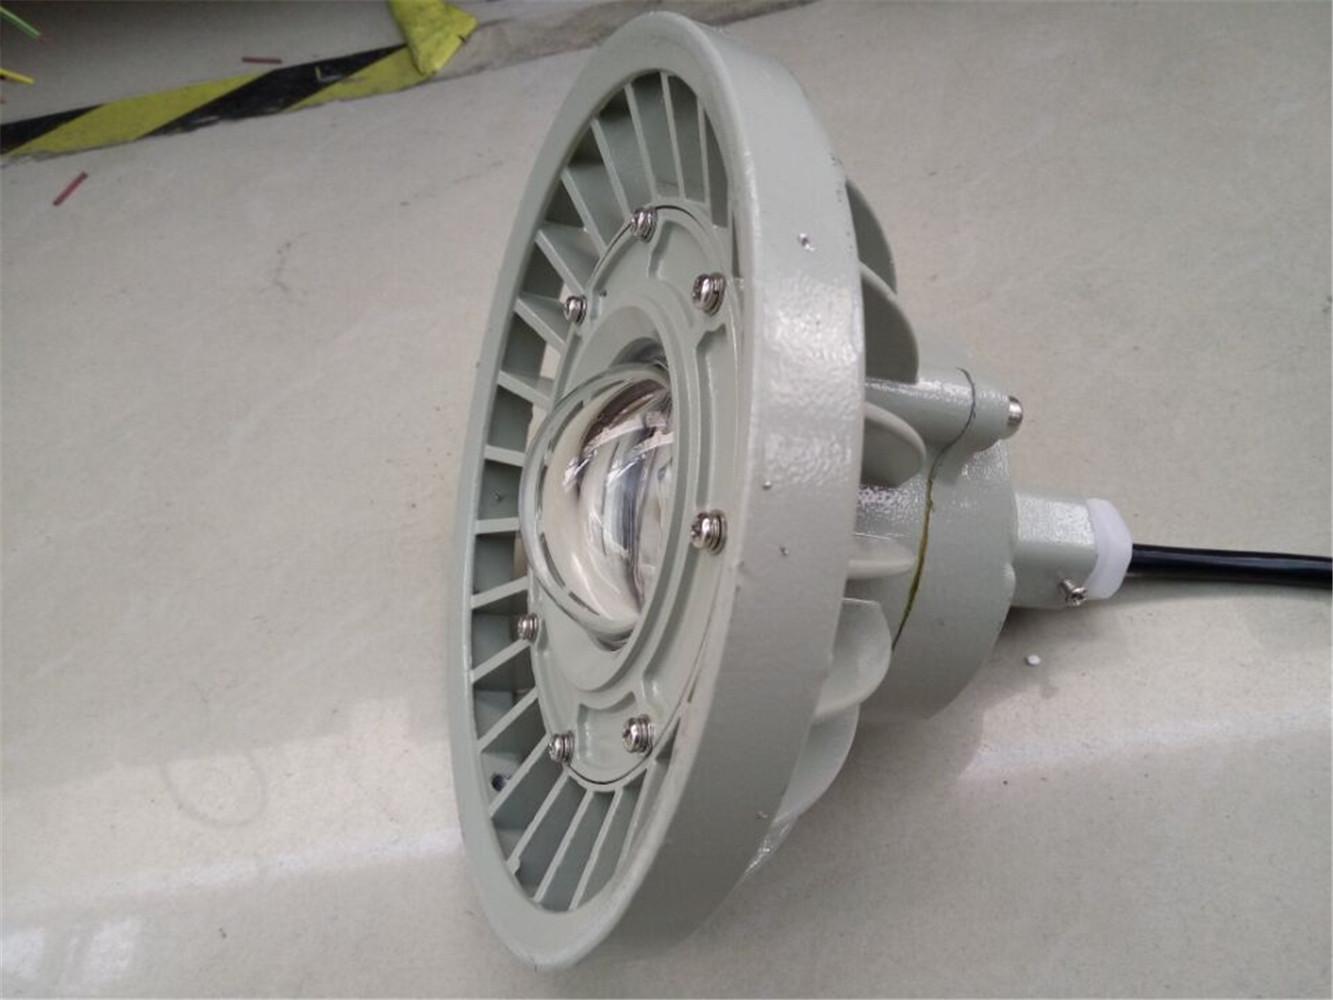 供应圆形多颗LED防爆灯